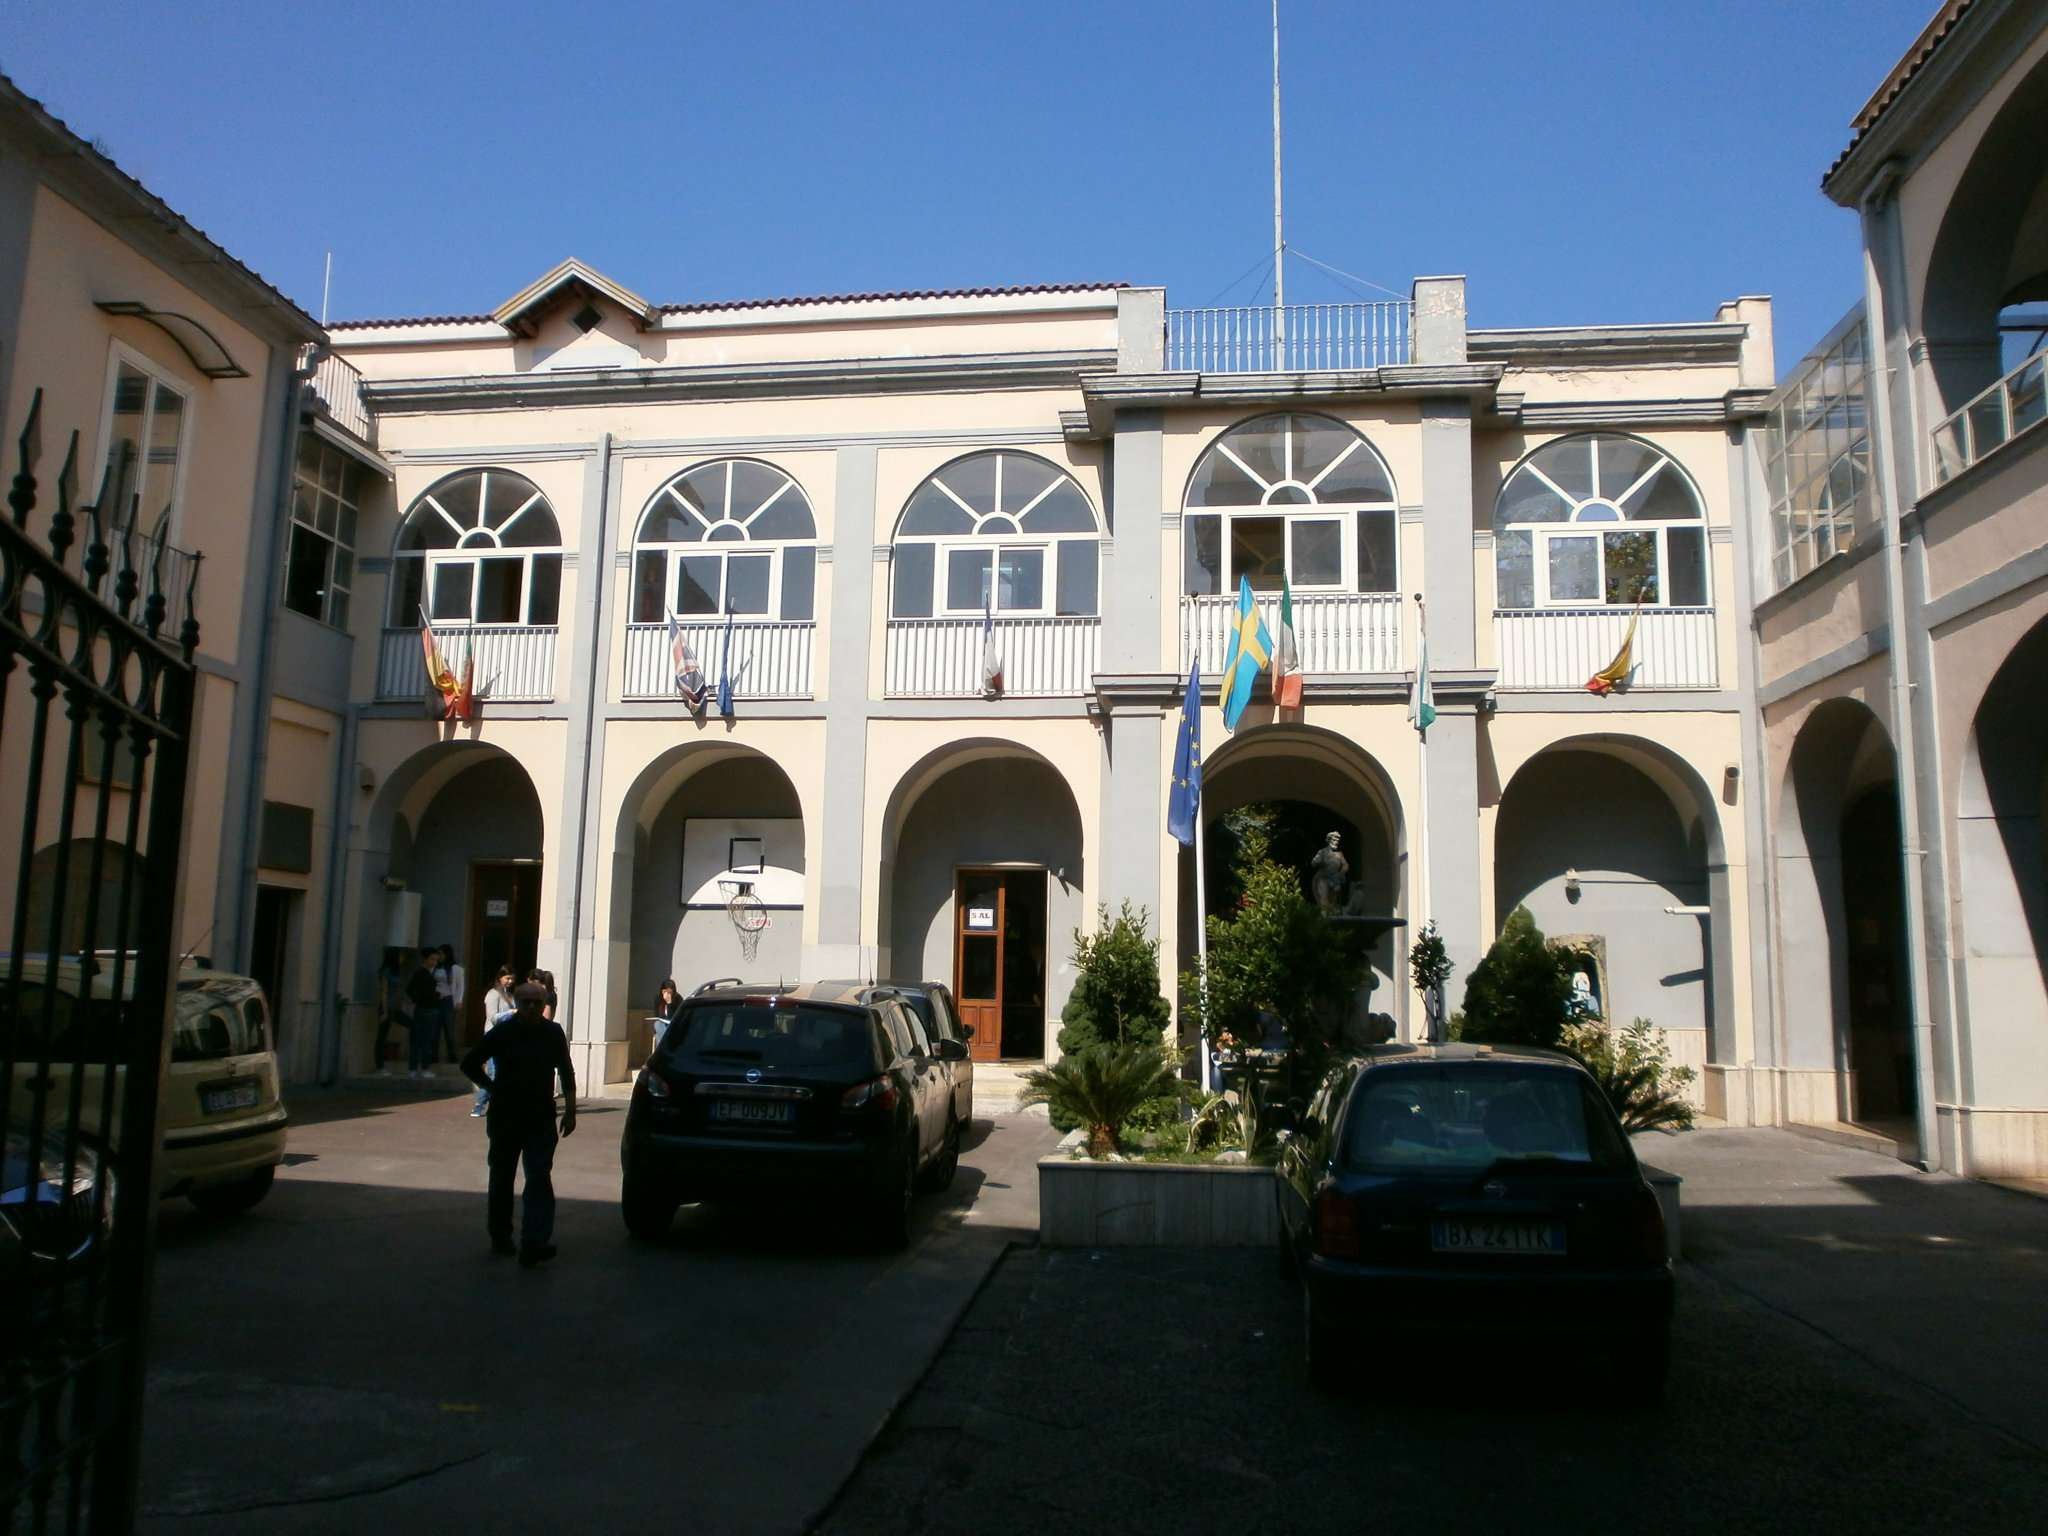 Immobile Commerciale in vendita a Marcianise, 30 locali, prezzo € 1.200.000 | CambioCasa.it